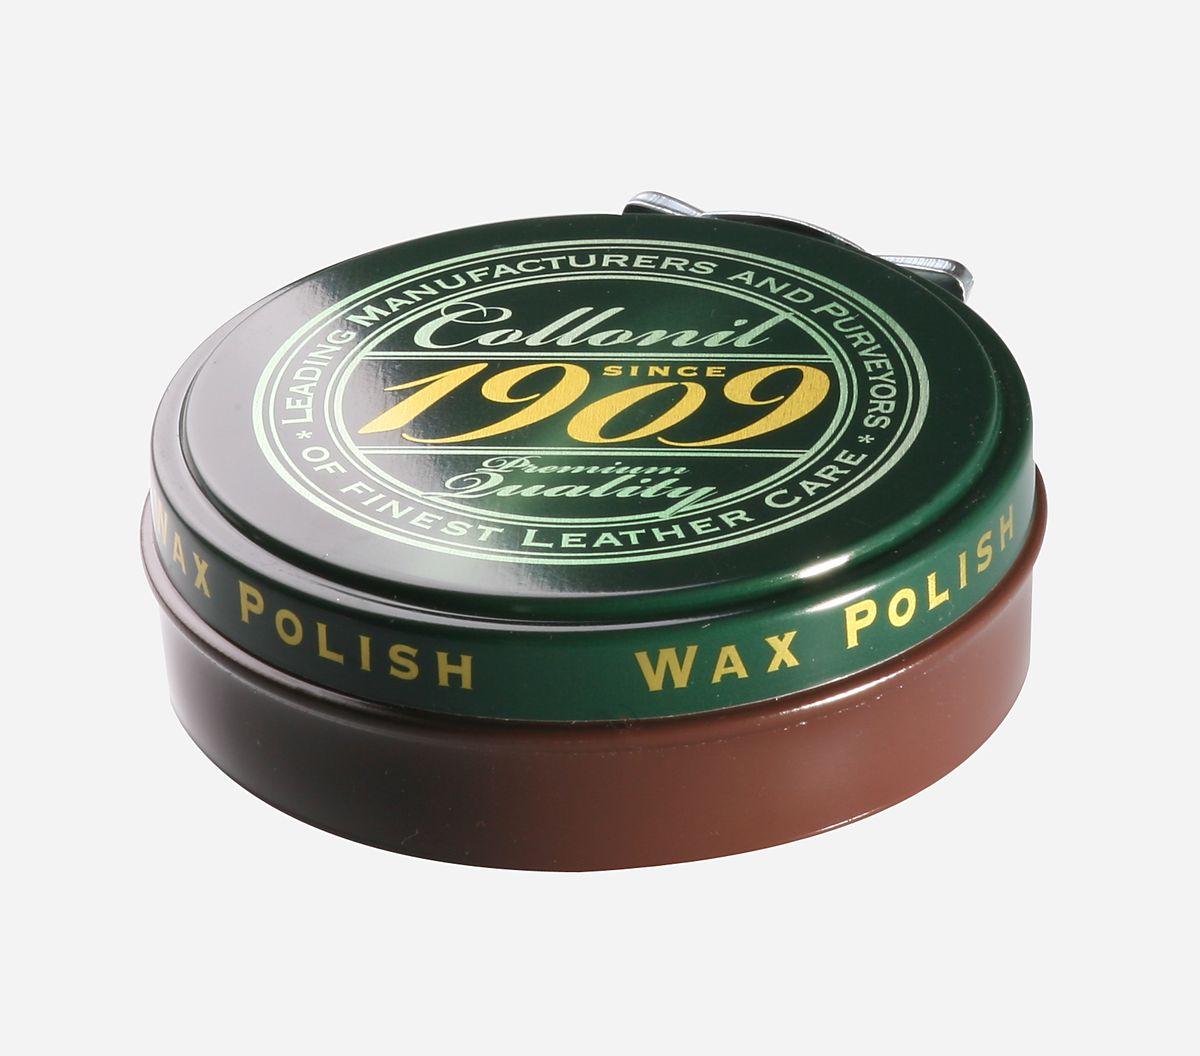 Крем для обуви Collonil 1909 Wax Polish, цвет: светло-коричневый, 75 мл6063 313Крем для гладкой кожи с зеркальным блеском, промасленного нубука, навощенной и сохраненной в натуральном виде гладкой кожи. Защищает и ухаживает, придает водо- и грязеотталкивающие свойства. Щадит материал и сохраняет его свойства.